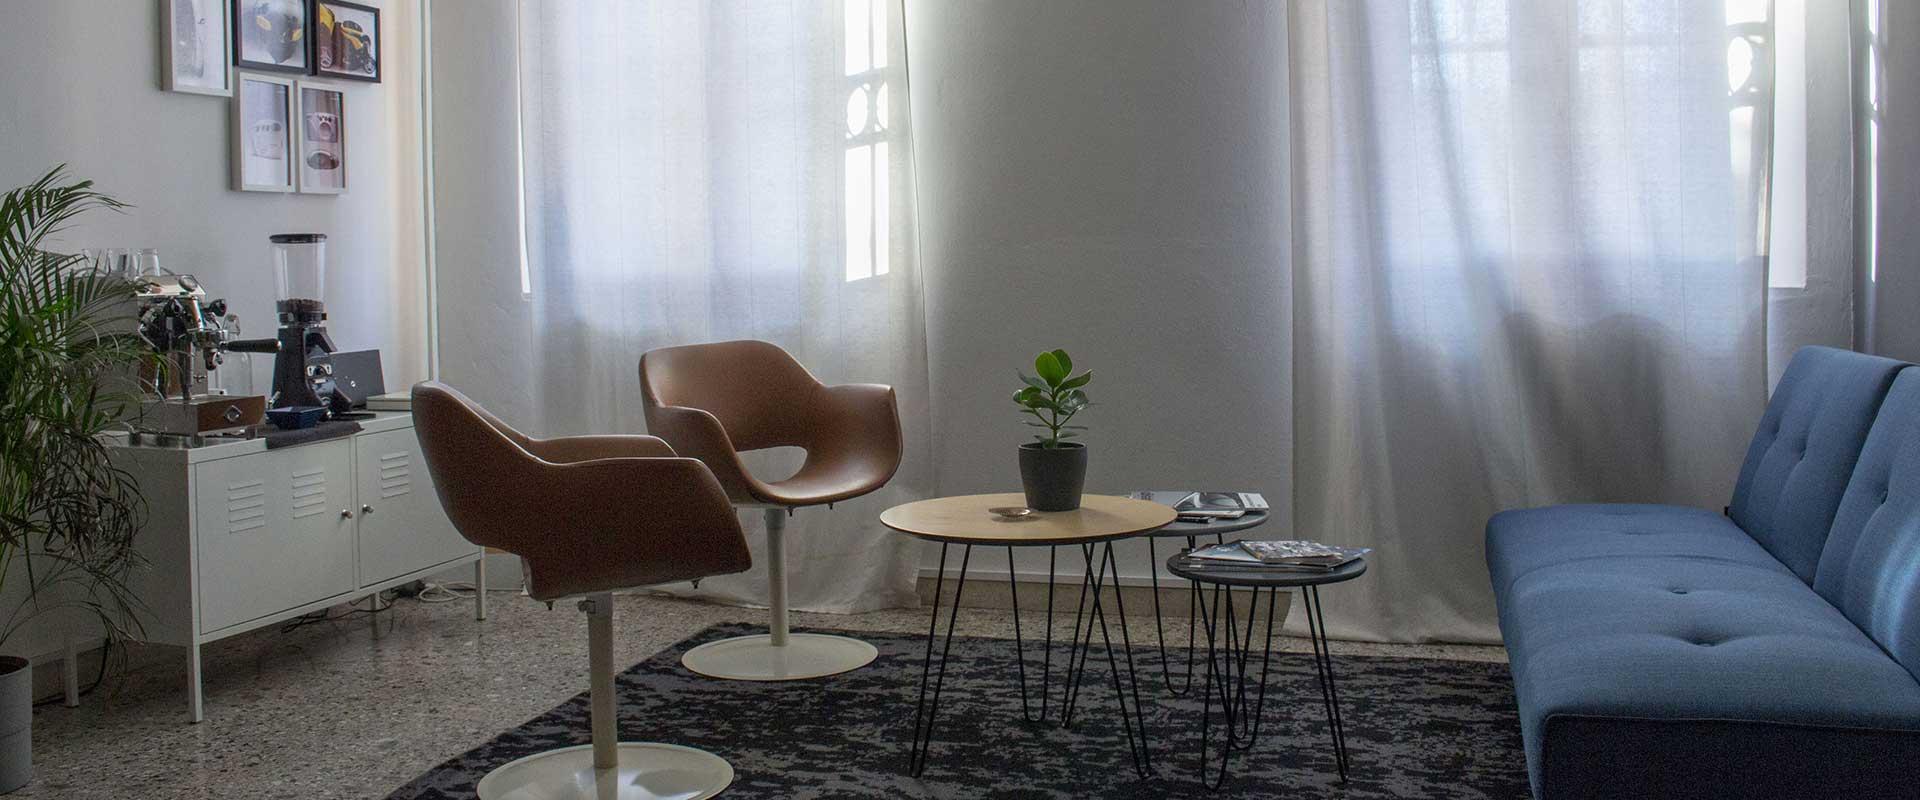 Interior design of Giulio Simeone Design Studio based in Padova